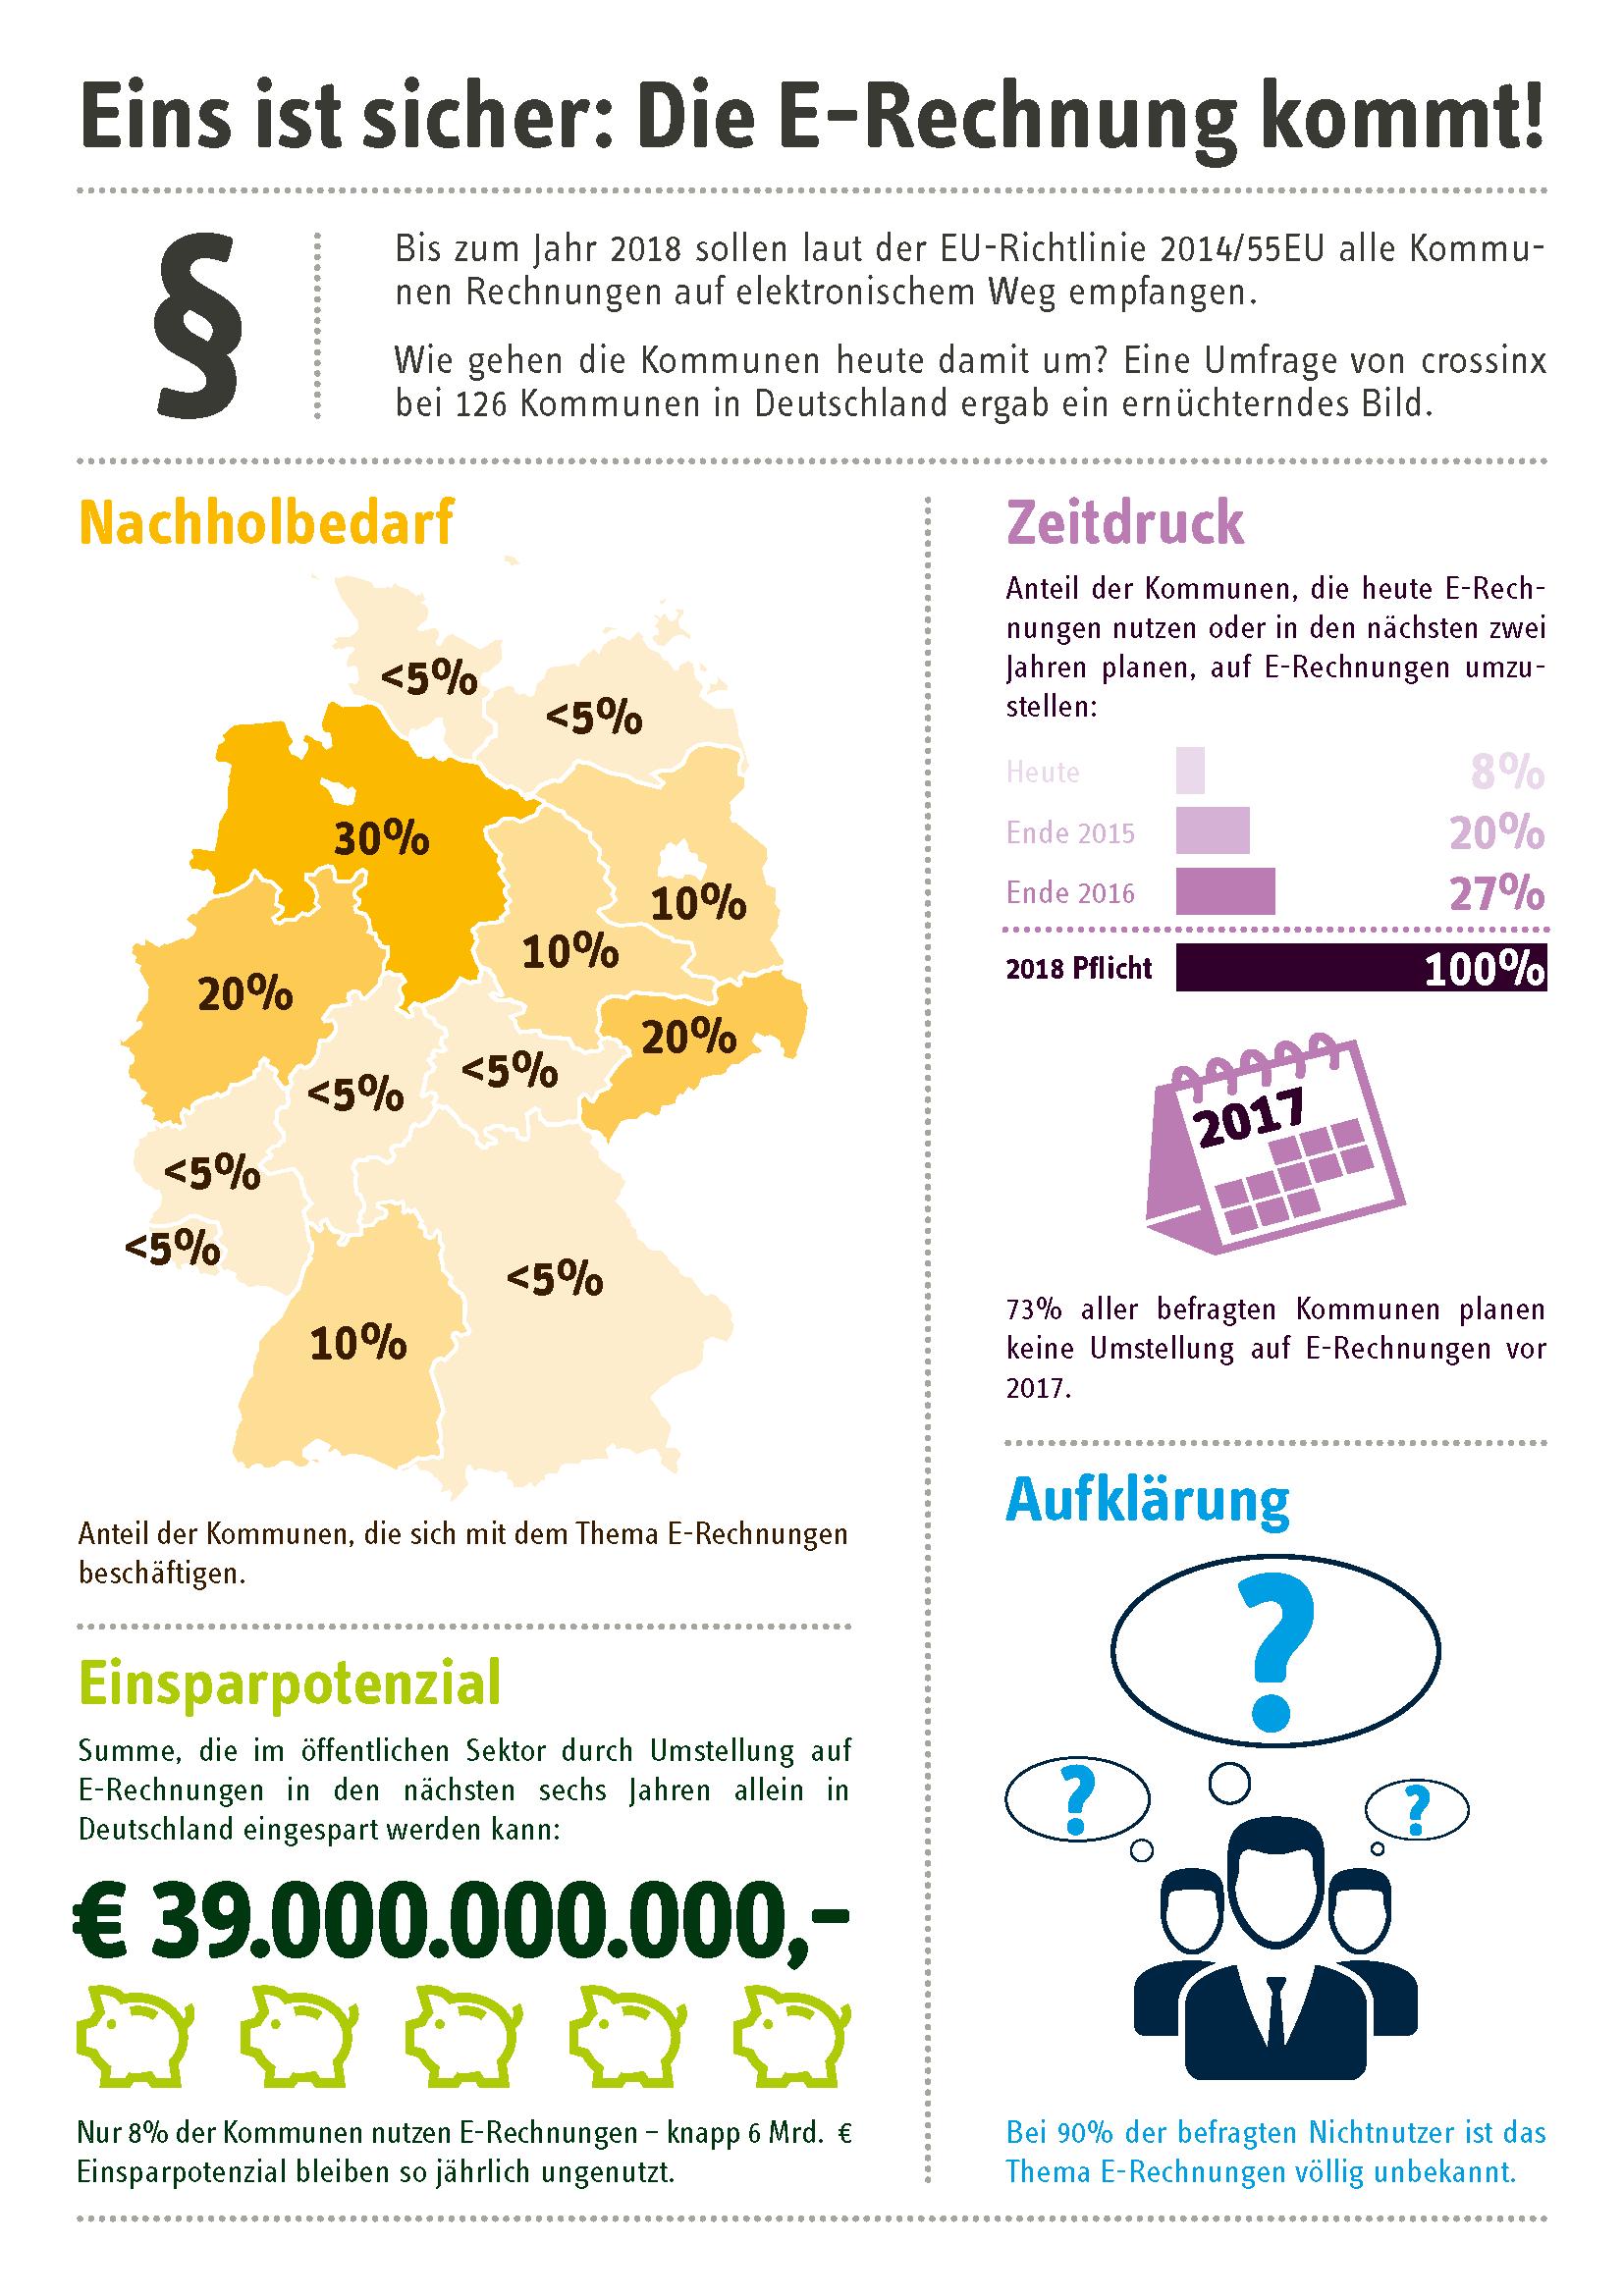 Infografik zur Verbreitung des E-Invoicings auf kommunaler Ebene in Deutschland 2015